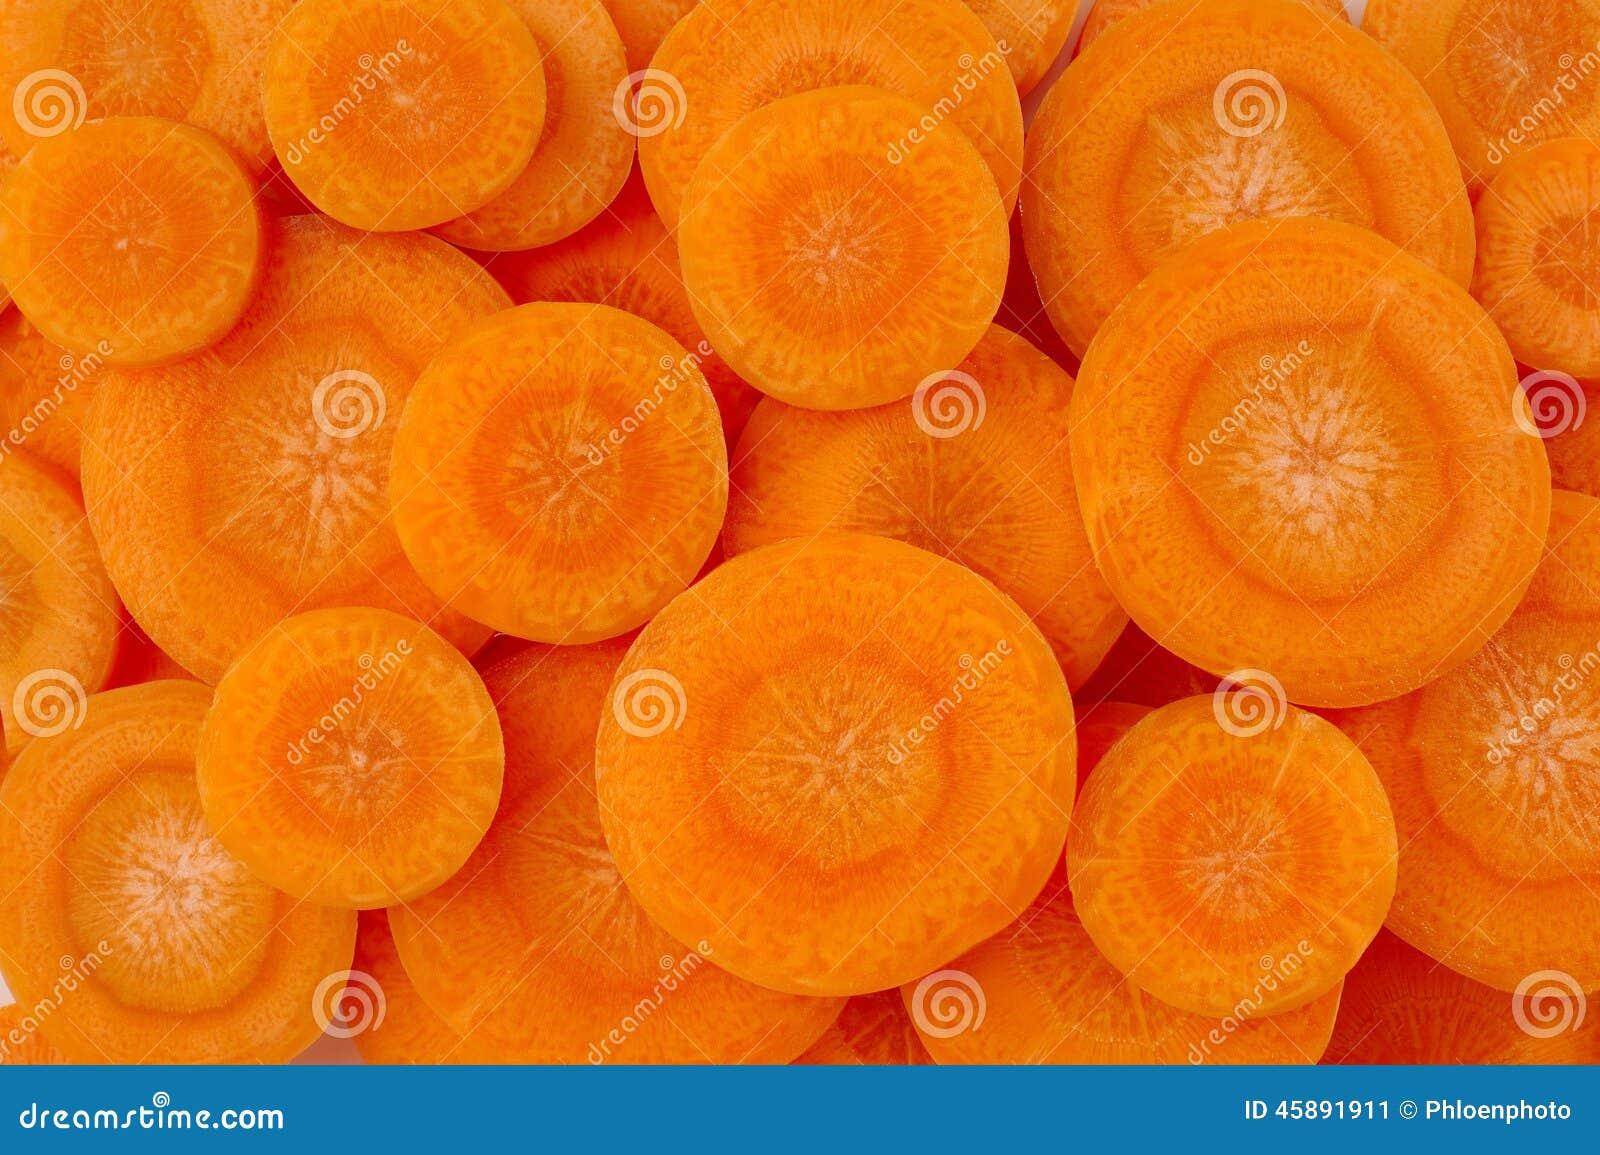 切片红萝卜背景